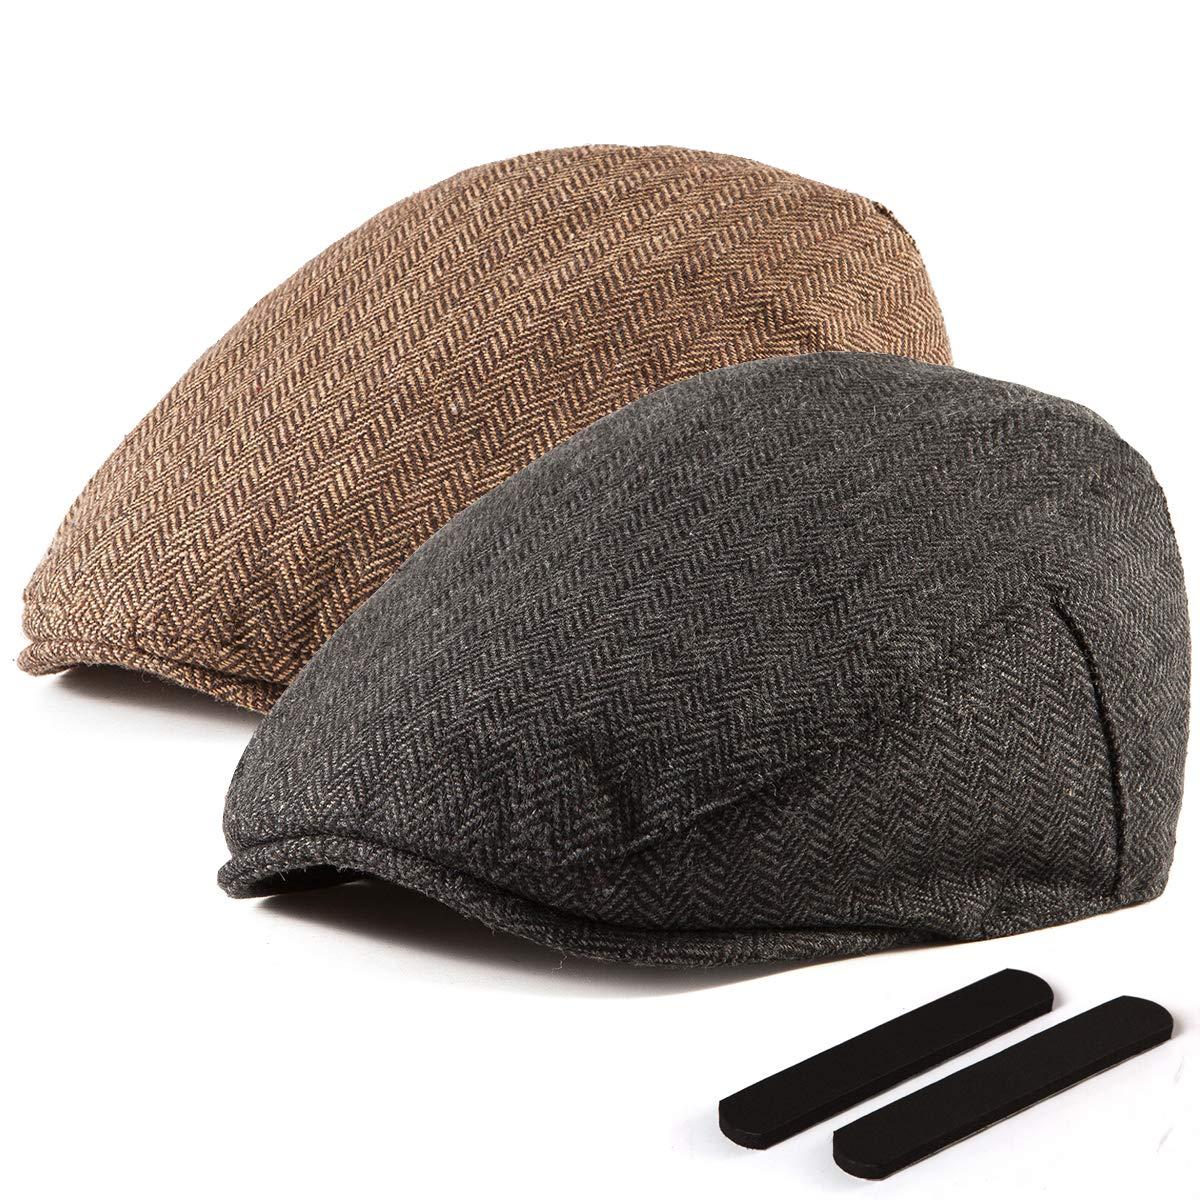 LADYBRO Black+Brown Wool Newsboy Cap - Men Hat Tweed Driving Scally Cap Ivy Hat Gift for Men 2Pack by LADYBRO